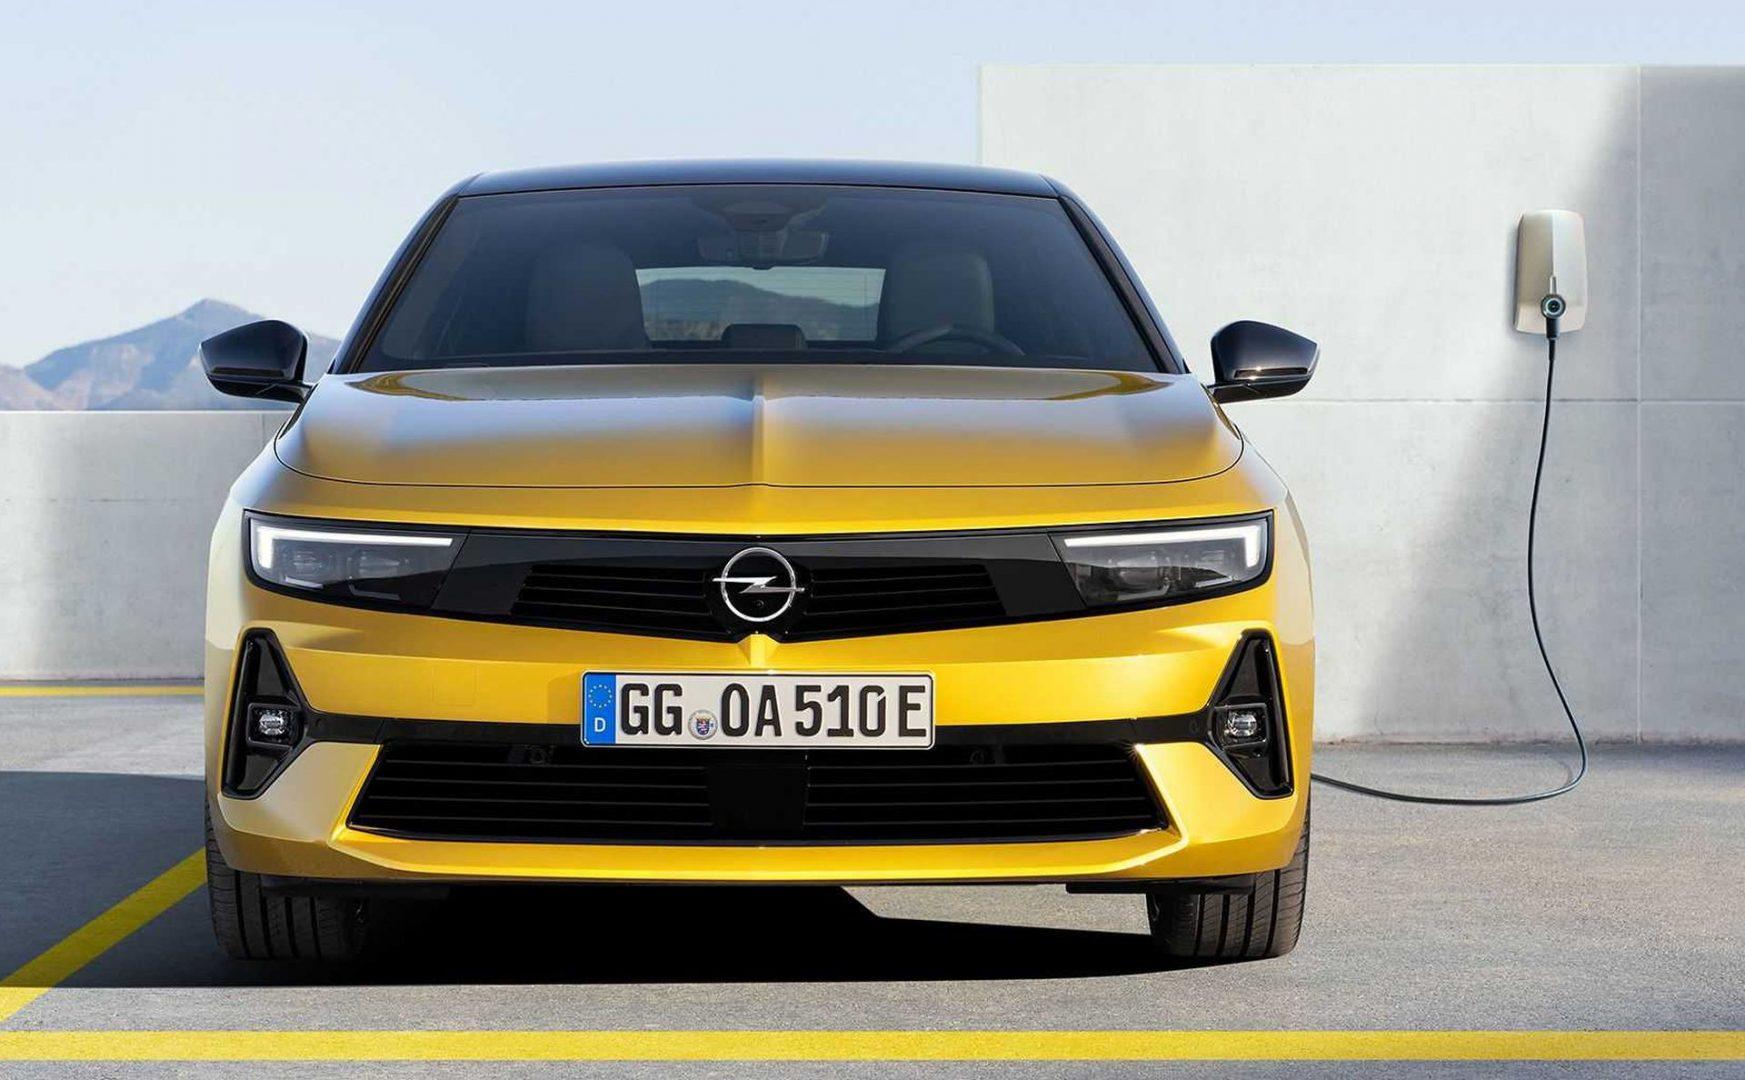 Ovo su prve fotografije i informacije o potpuno novoj Opel Astri